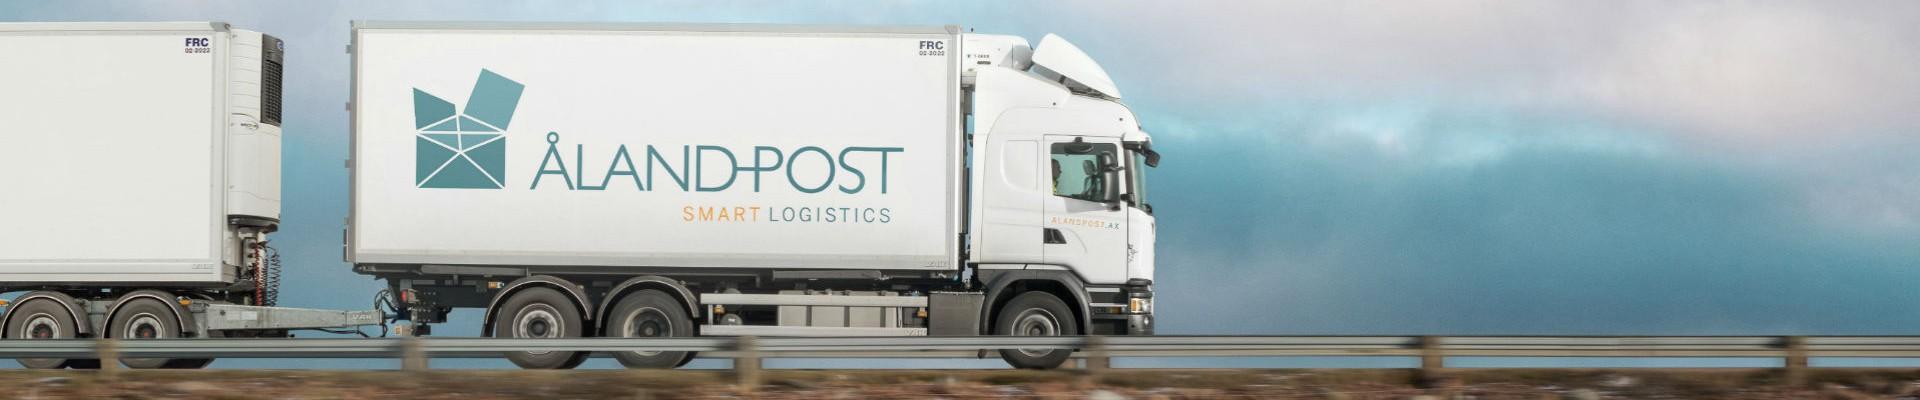 Åland Post transporter med långtradare